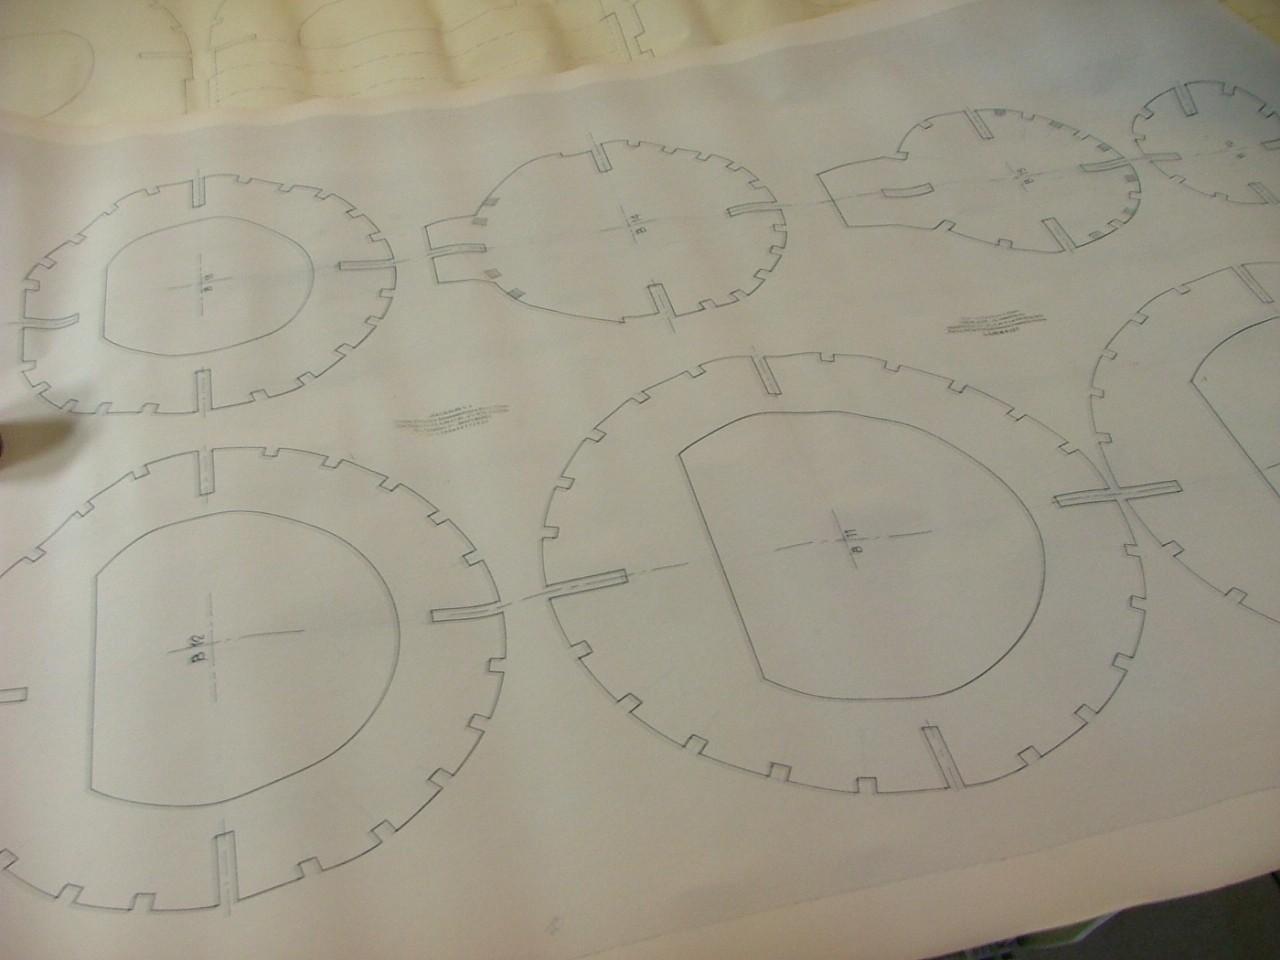 Piani di costruzione b 17 forum modellismo for Come disegnare piani di costruzione